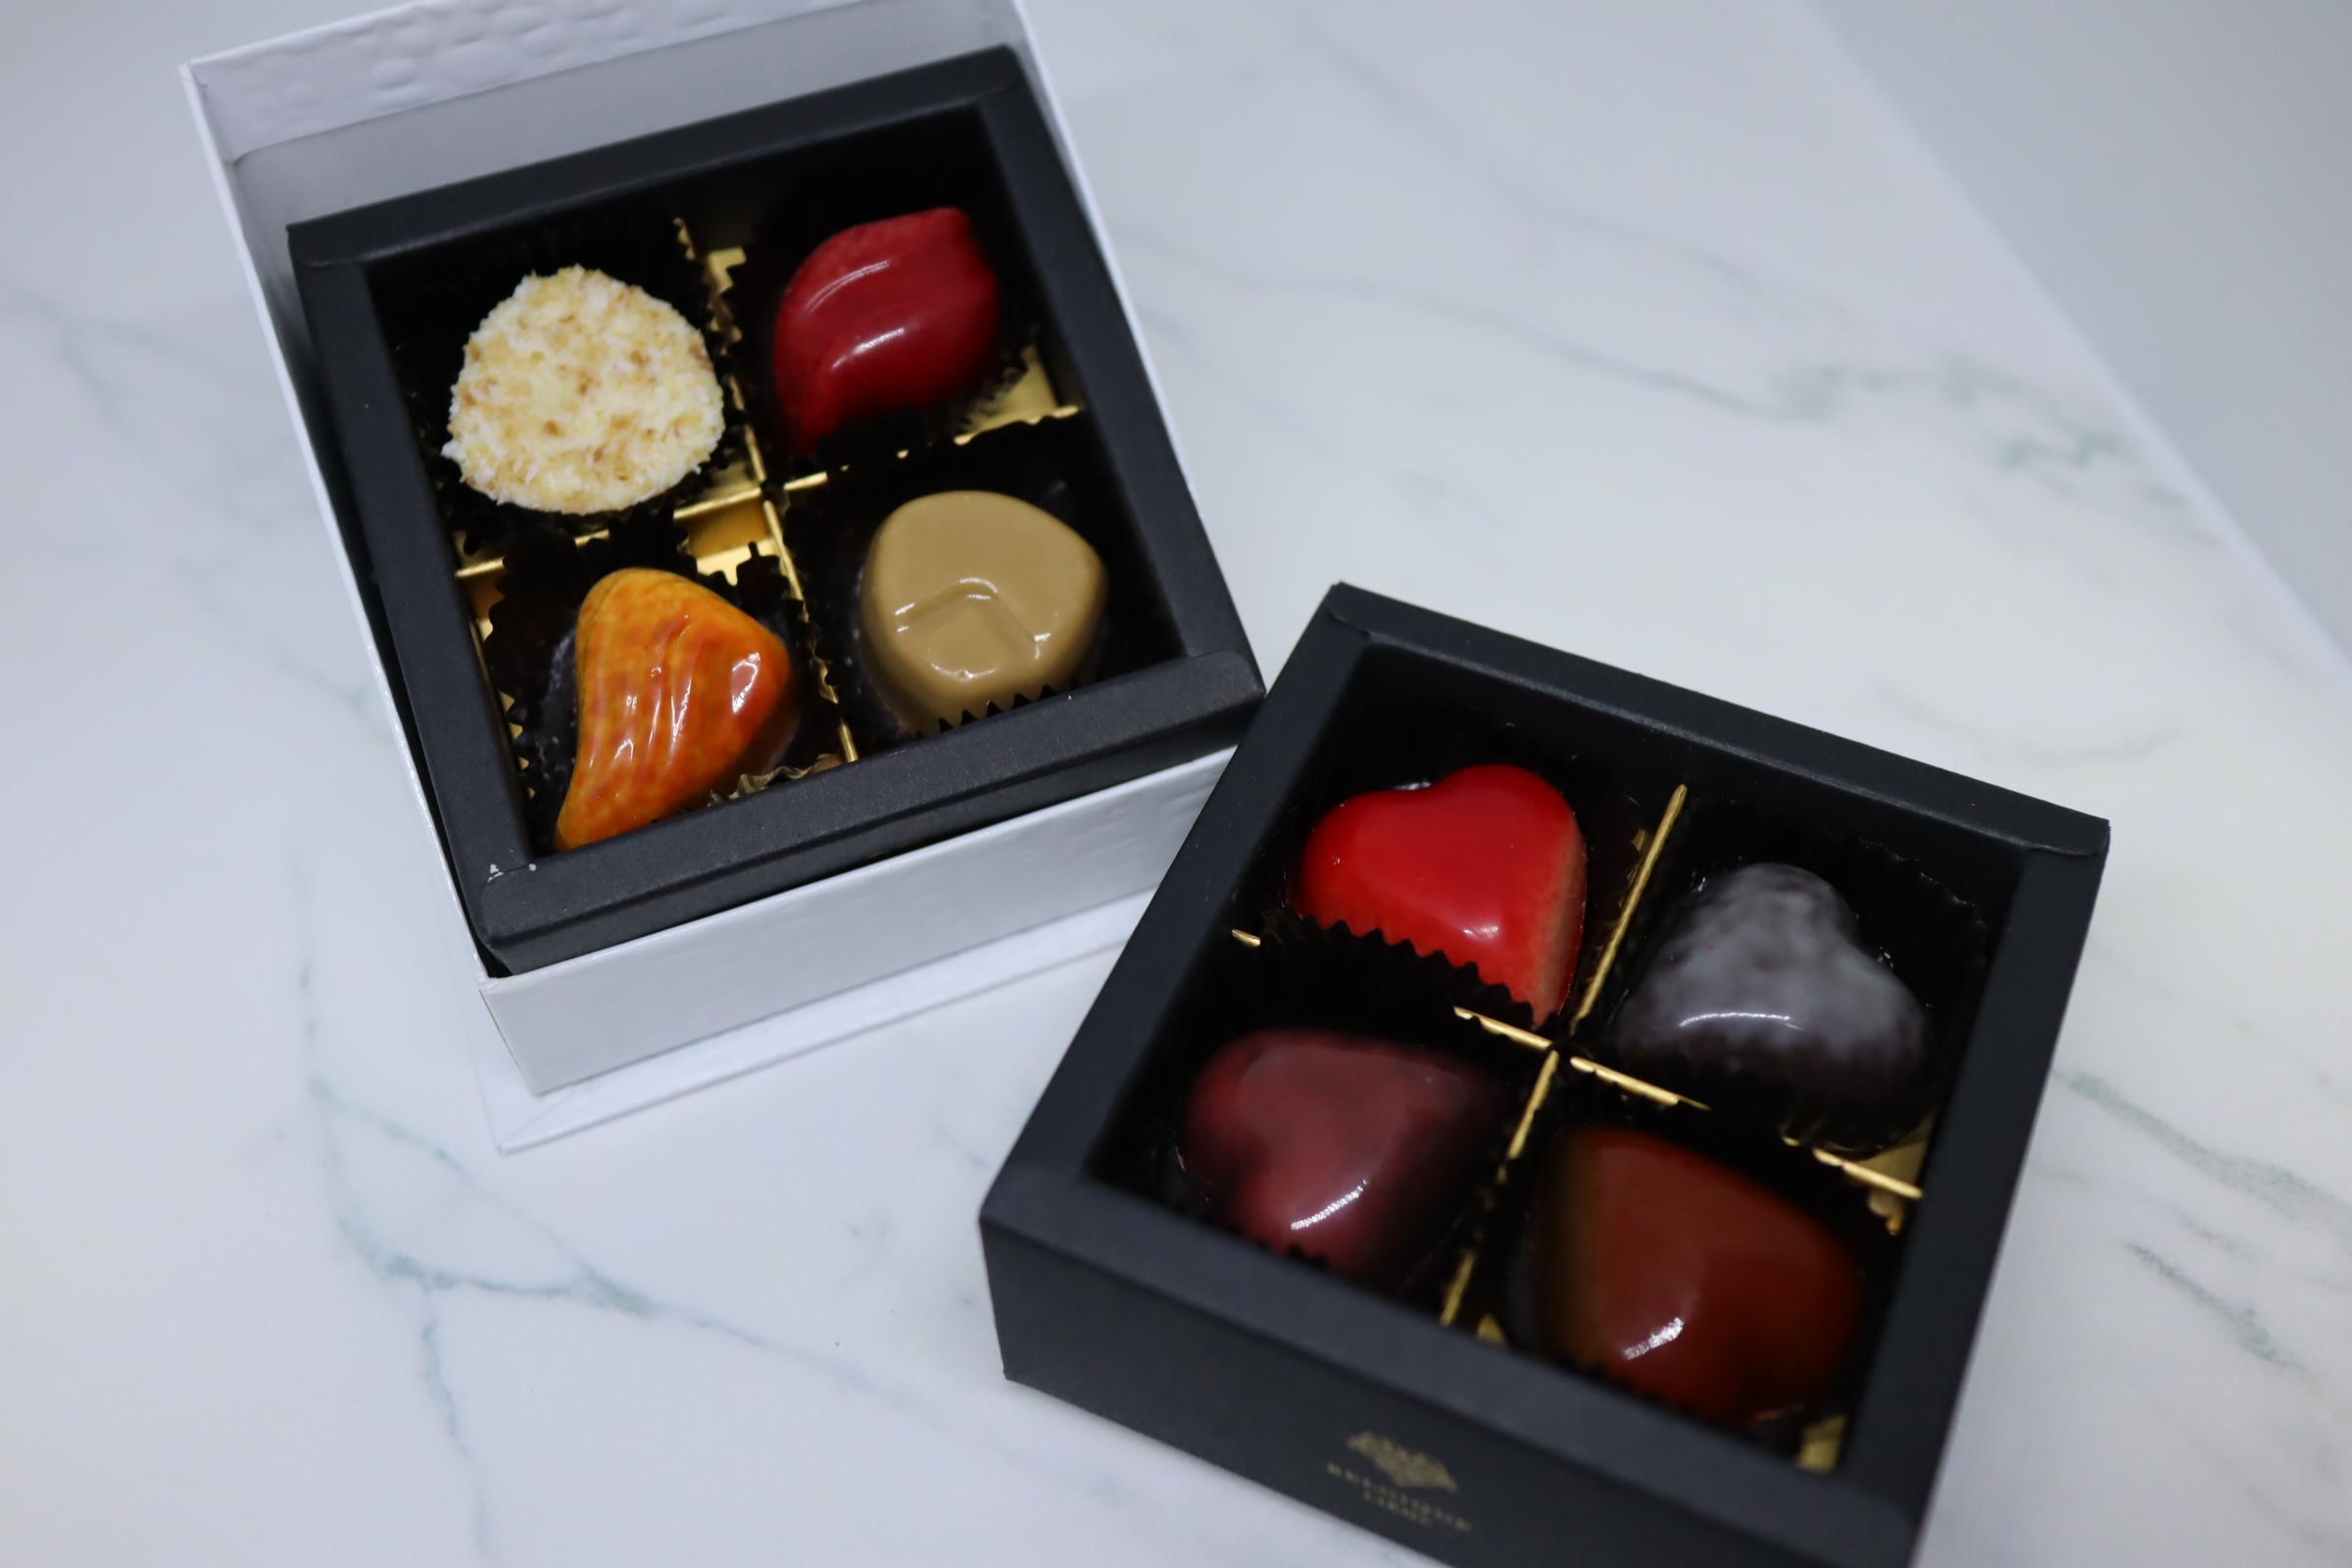 日本一のチョコレートの祭典「アムール デュ ショコラ」、2月14日まで開催!購入したおすすめ商品もご紹介 - 10